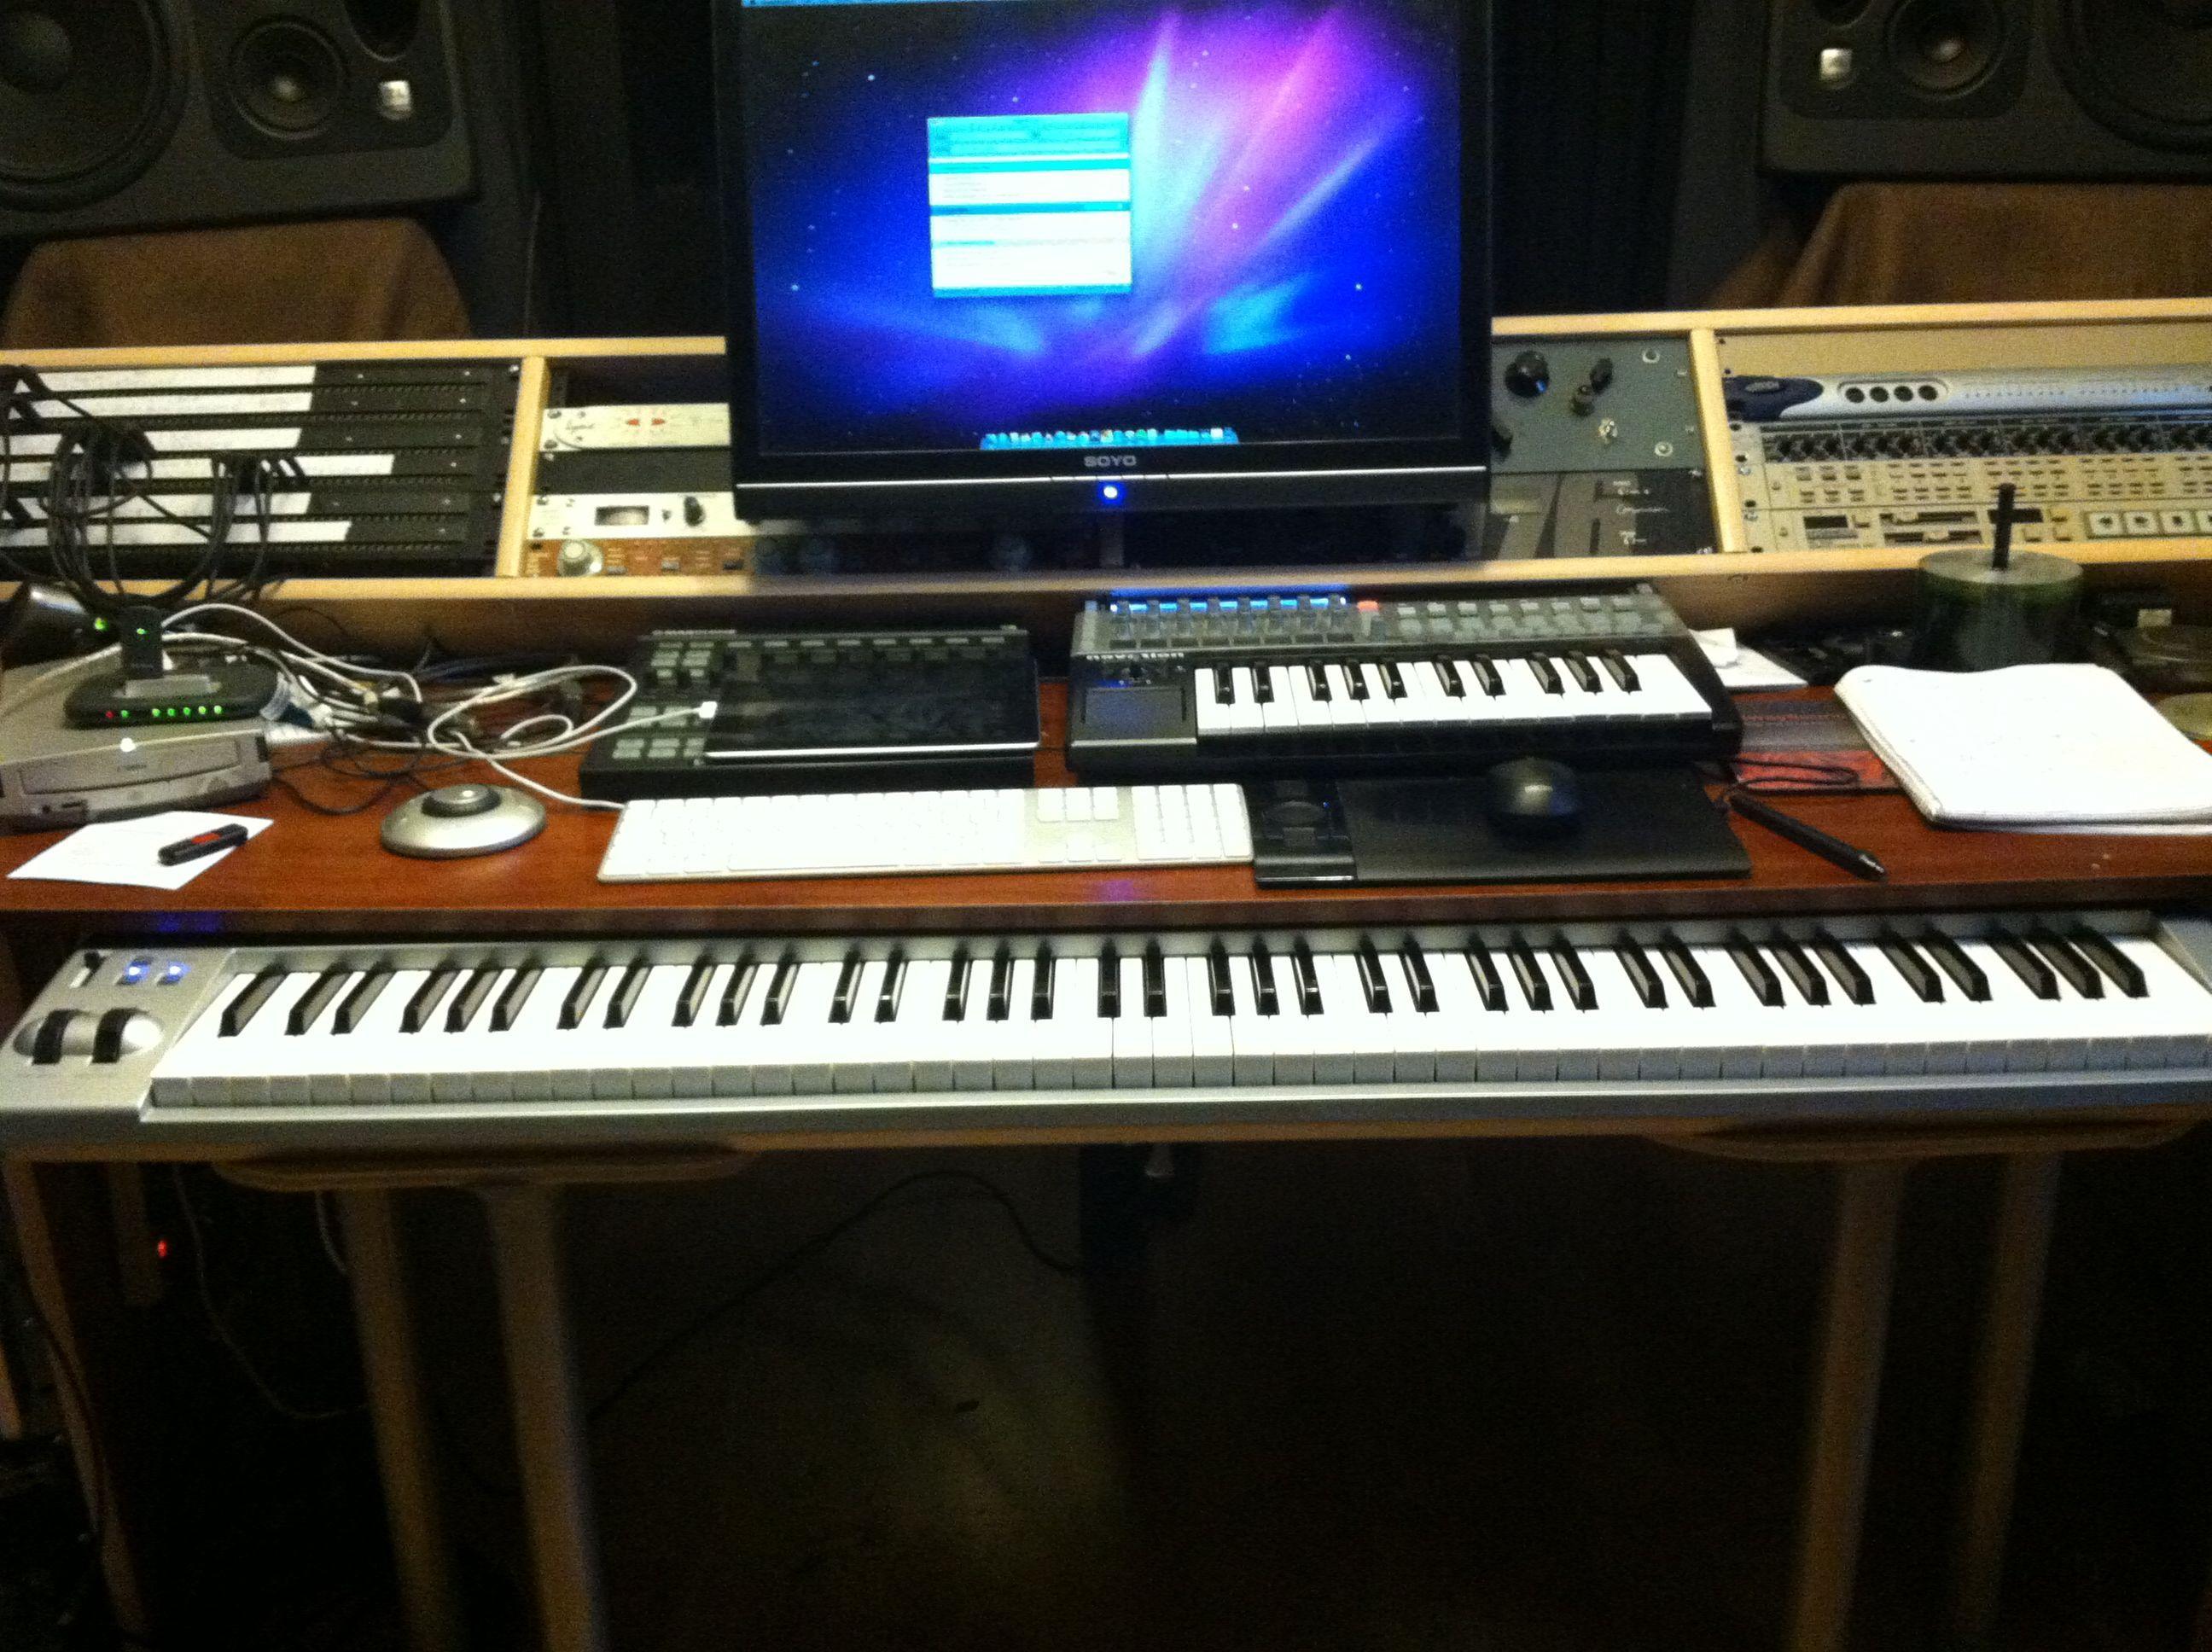 Studio Composer Desk Setup Google Search Pinterest Desks And Room